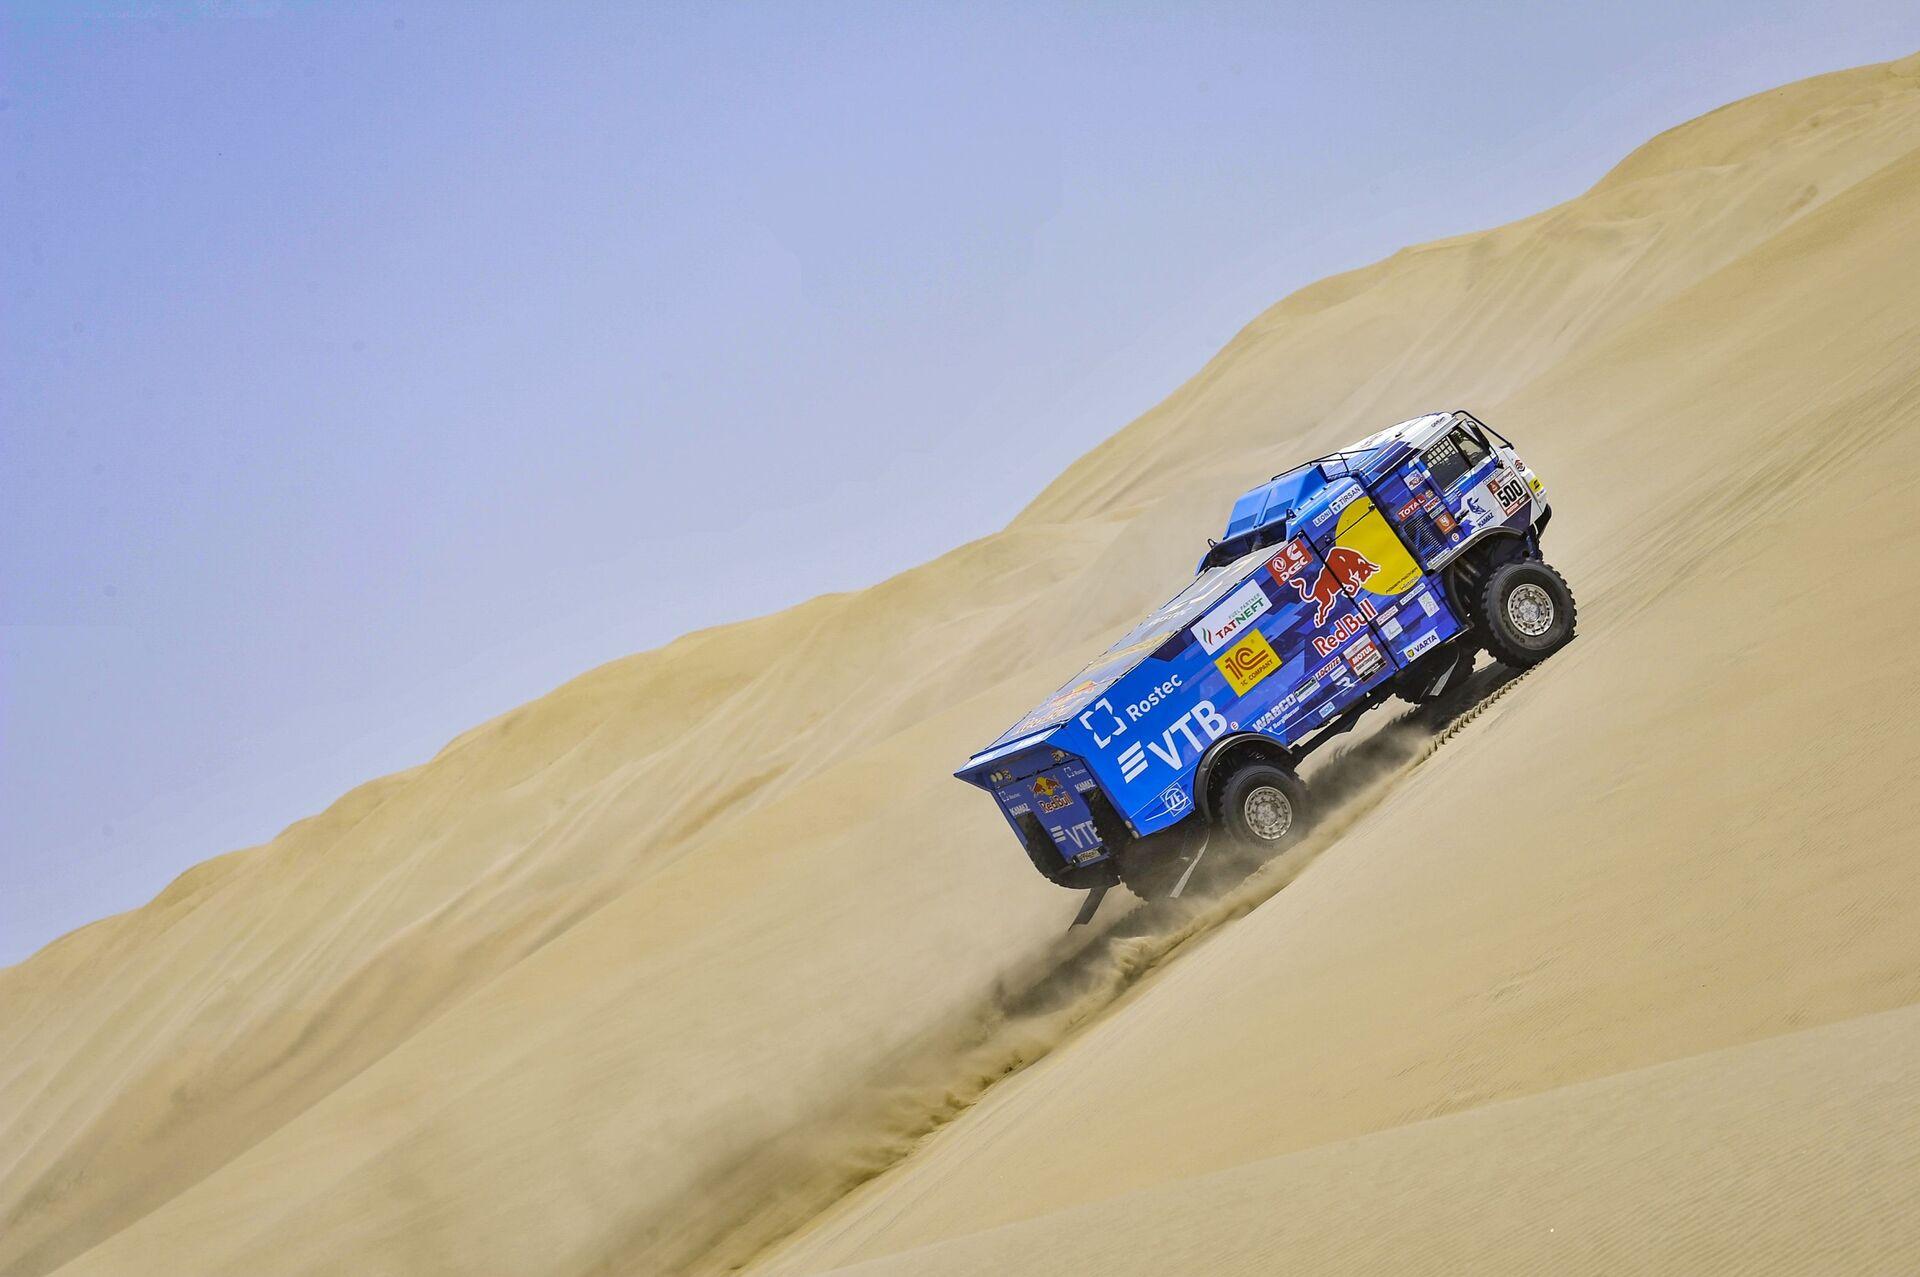 El equipo de Kamaz en el rally Dakar 2019 - Sputnik Mundo, 1920, 18.02.2021